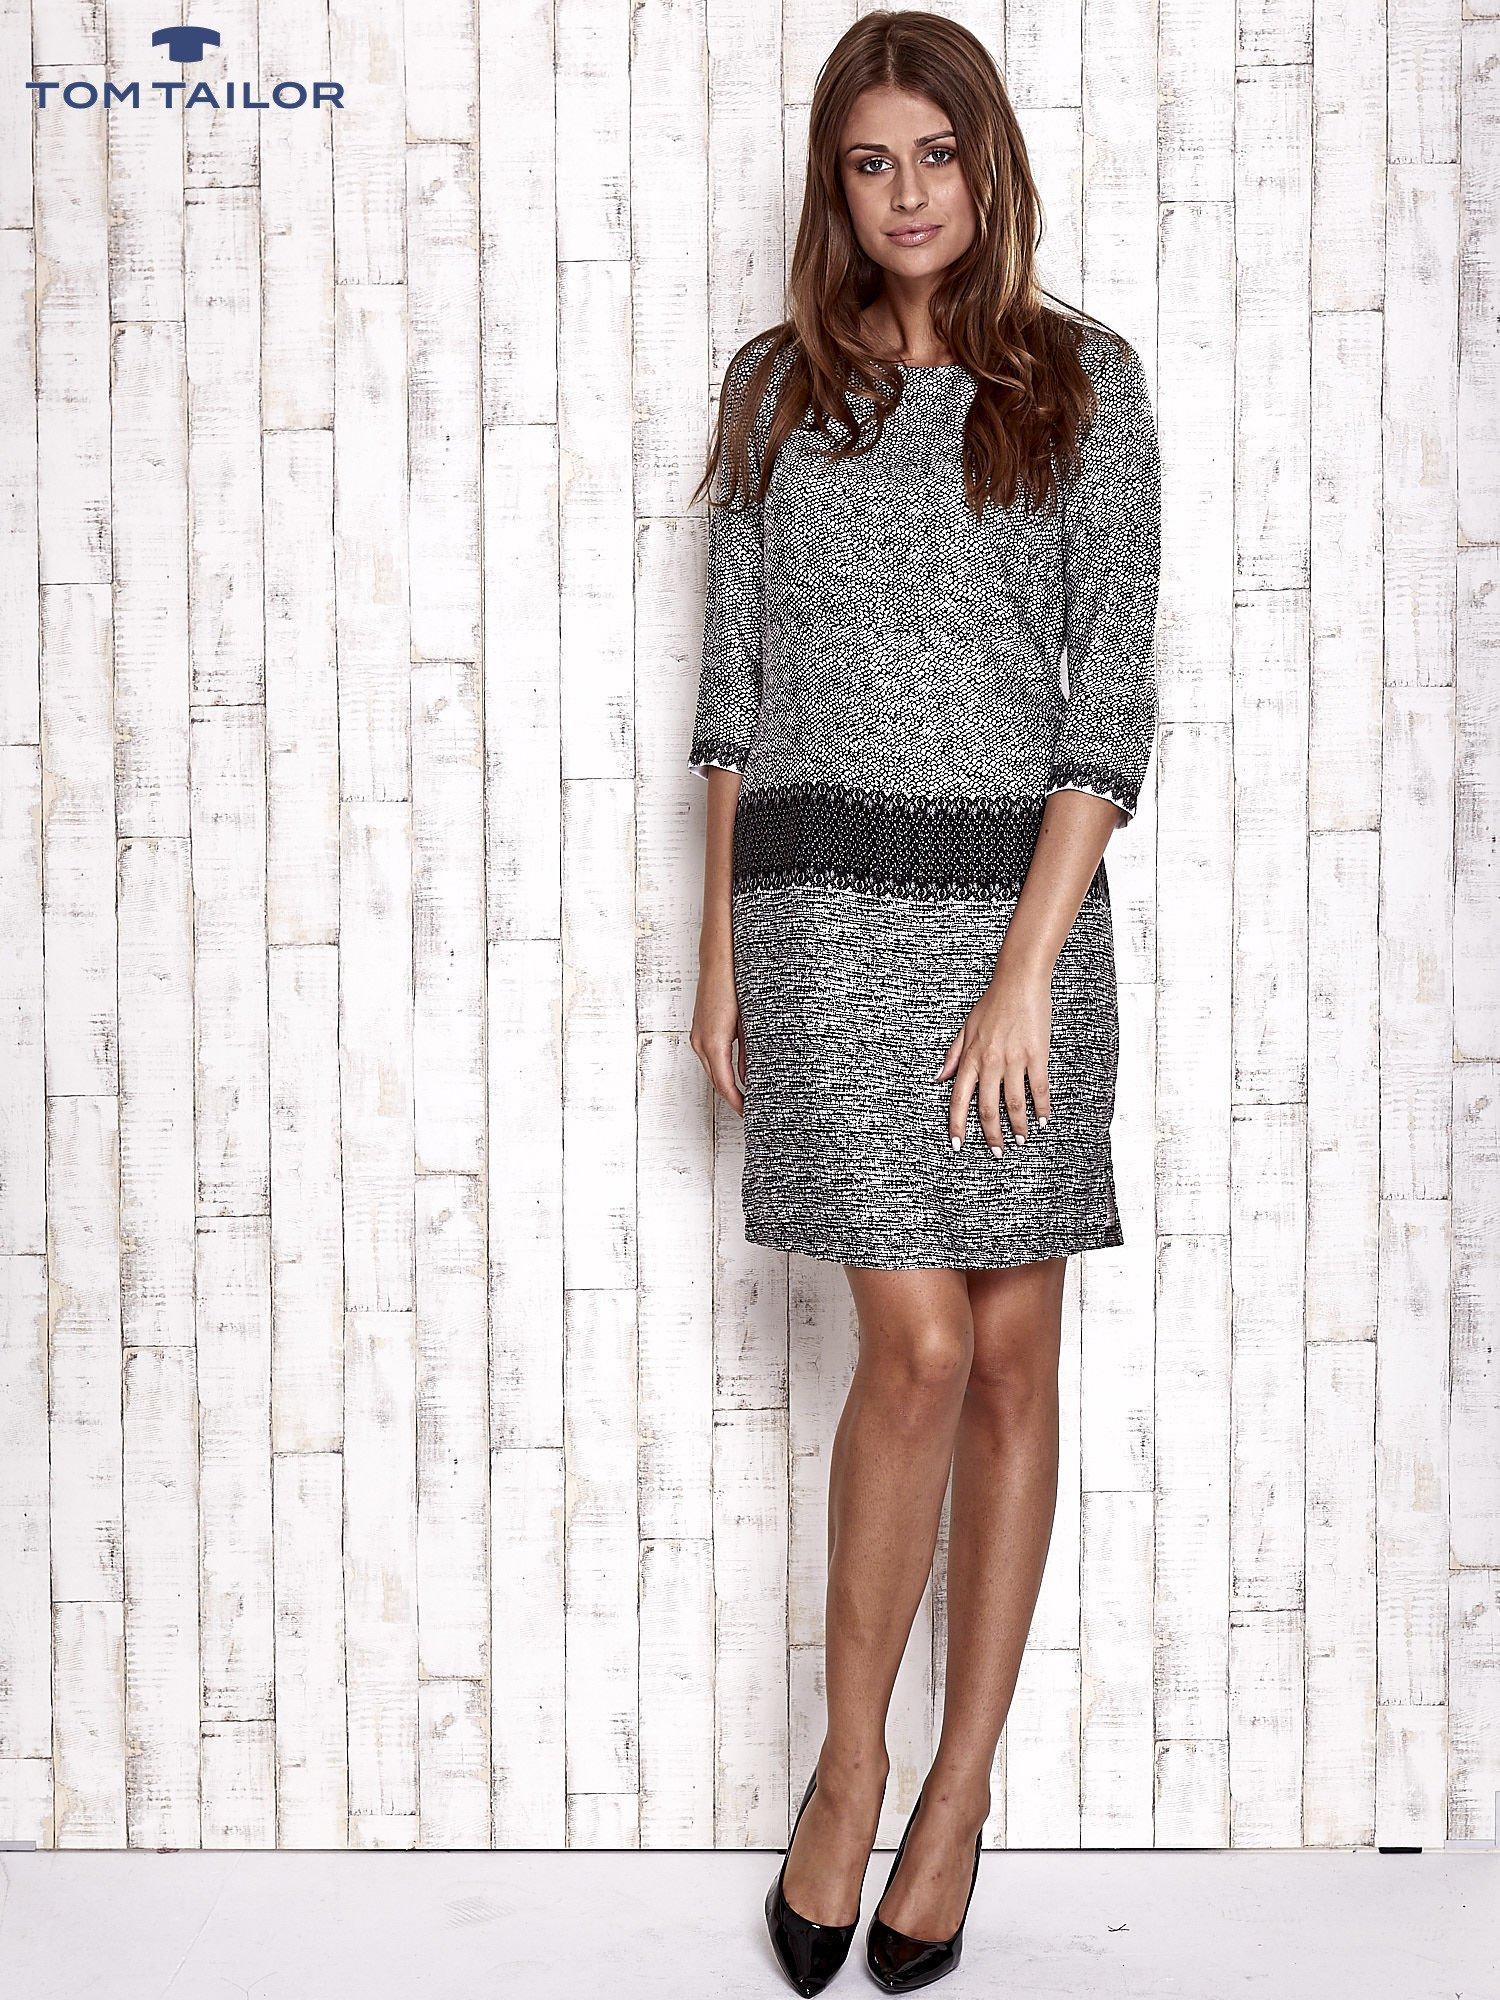 TOM TAILOR Biało-czarna sukienka z graficznym nadrukiem                                  zdj.                                  2